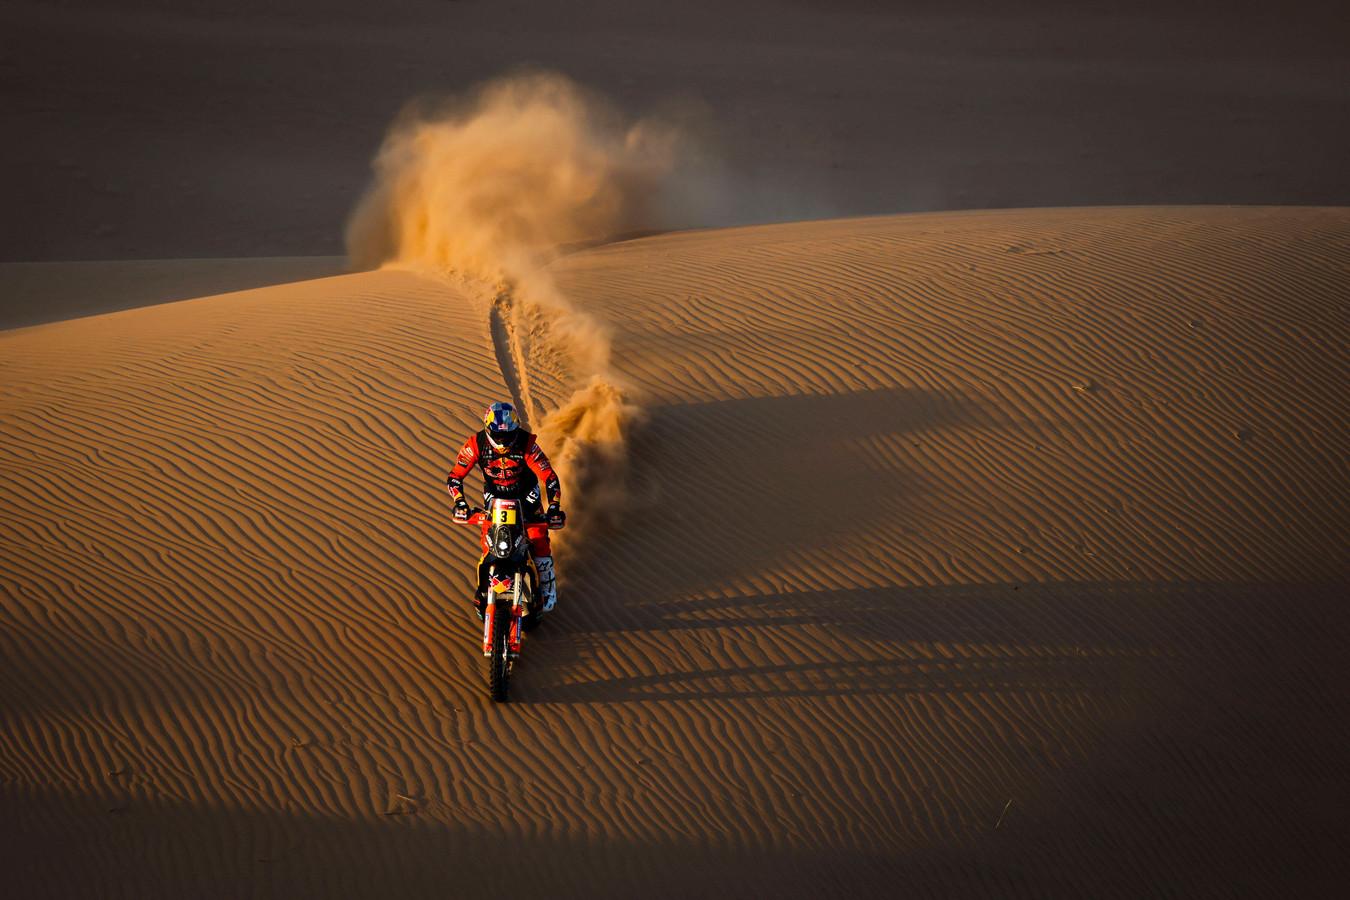 Voor Toby Price is de Dakar Rally voorbij.